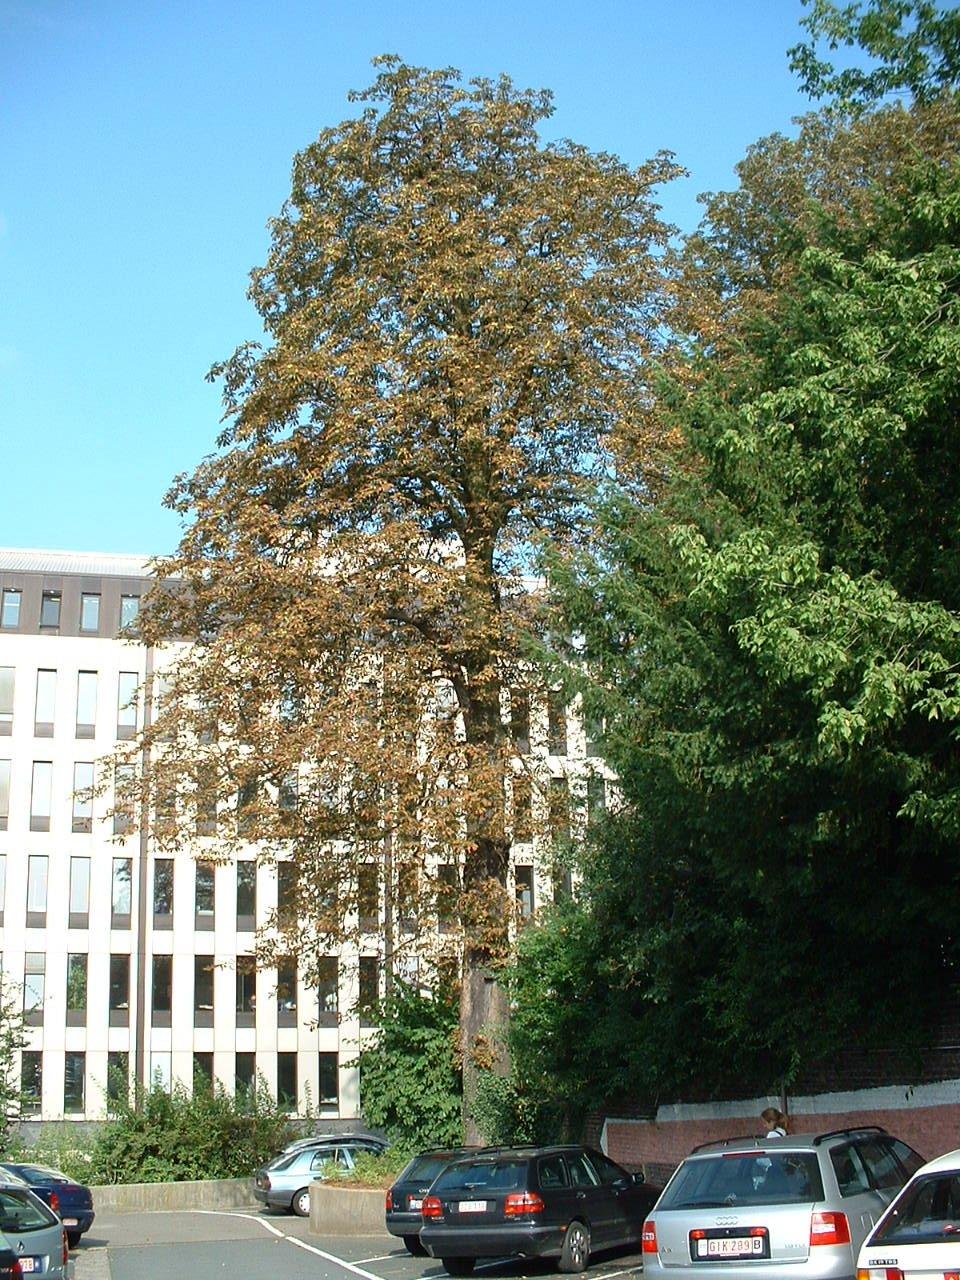 Marronnier commun – Saint-Gilles, Chaussée de Charleroi, 116 –  23 Août 2002